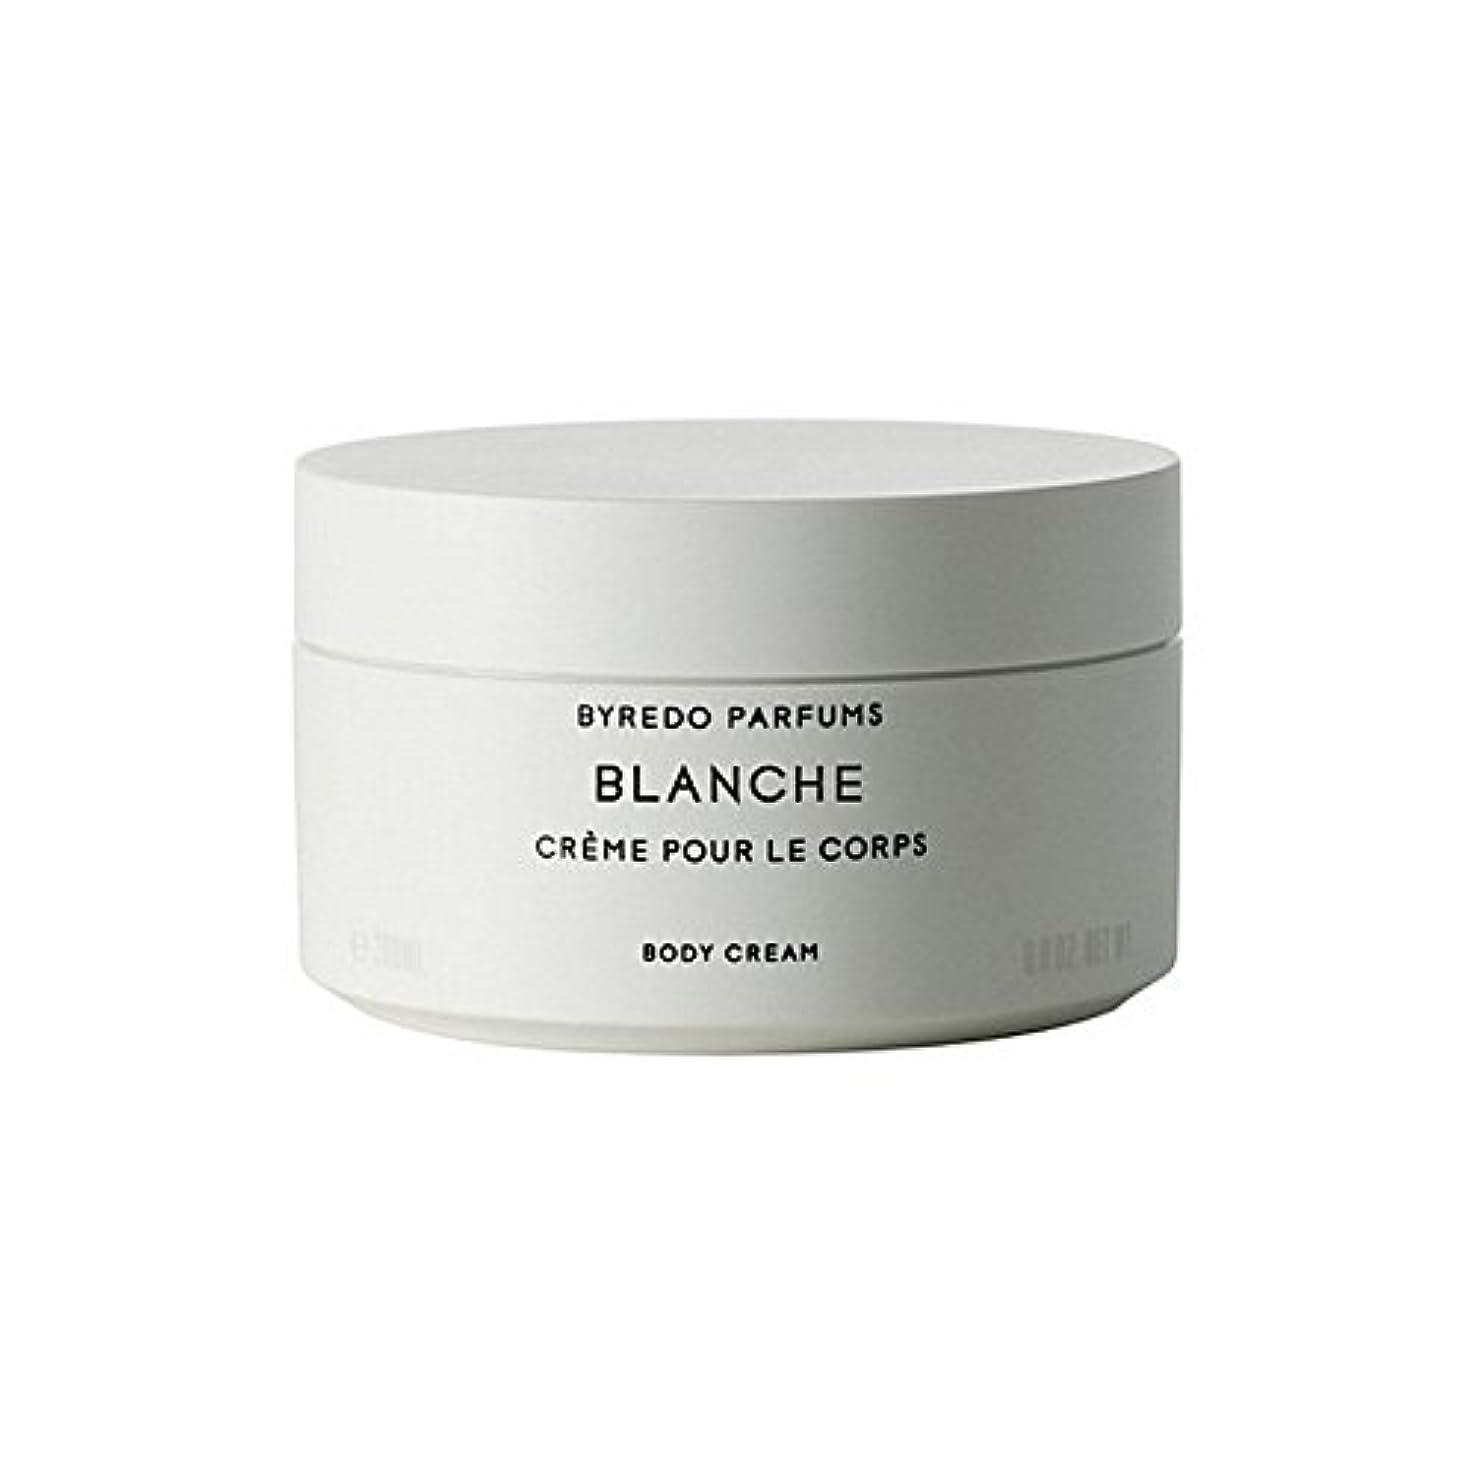 ブランシュボディクリーム200ミリリットル x2 - Byredo Blanche Body Cream 200ml (Pack of 2) [並行輸入品]